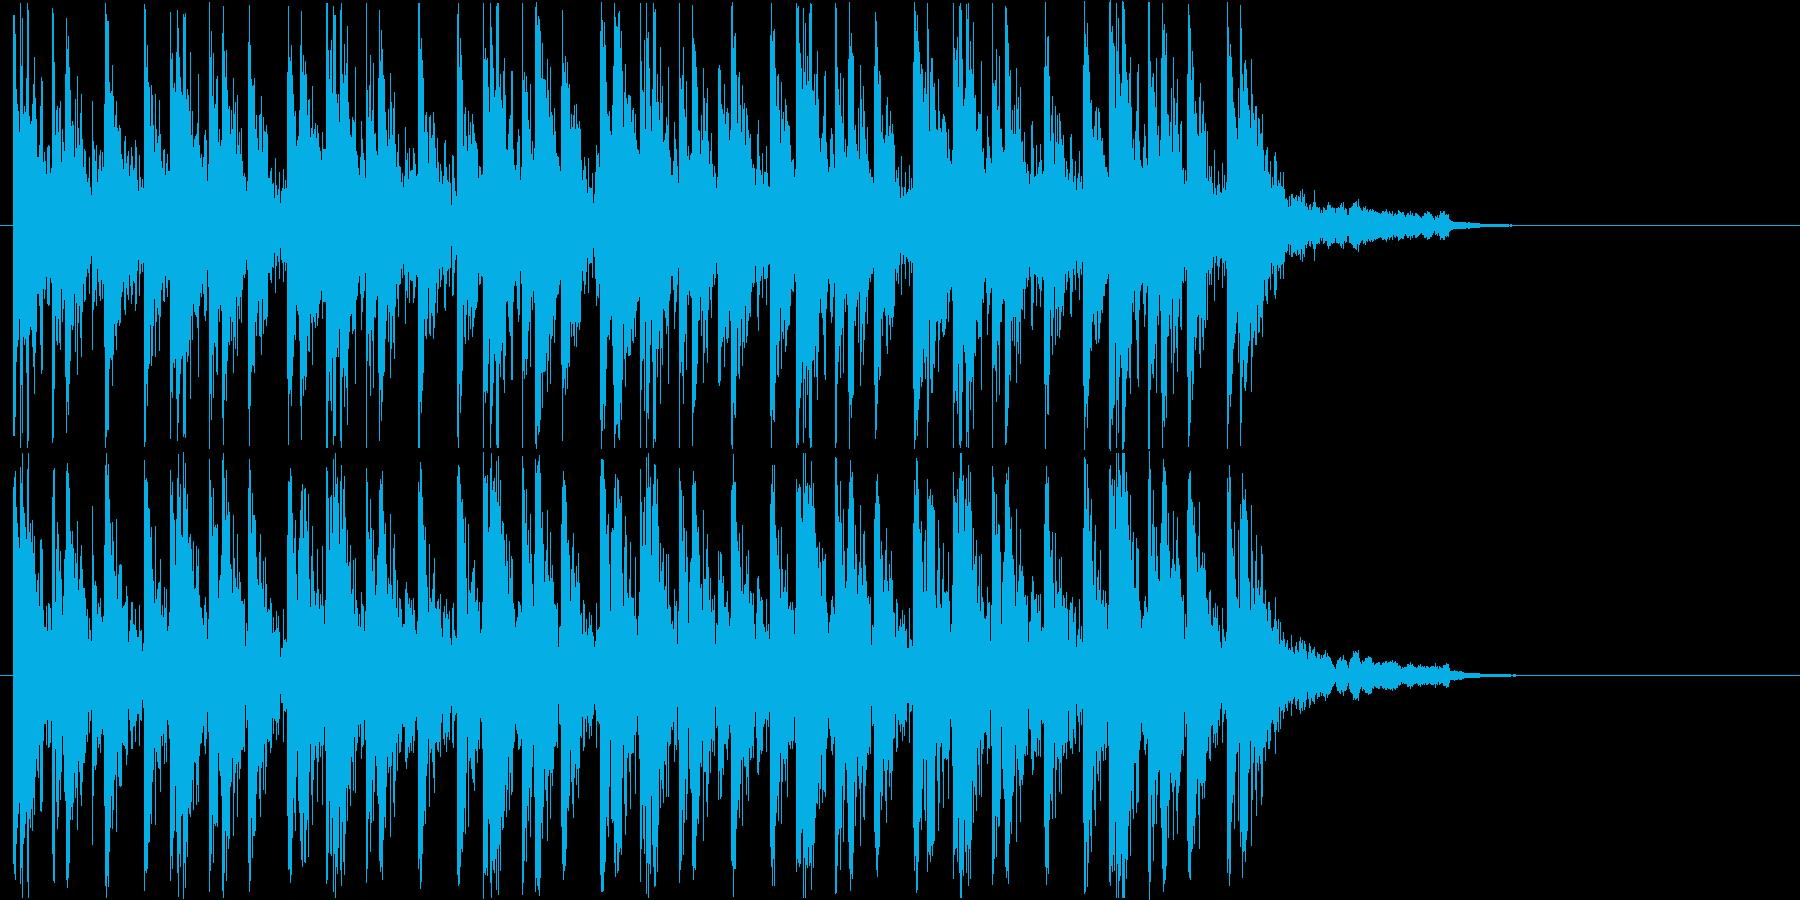 コミカルな和楽器のお囃子ジングルの再生済みの波形